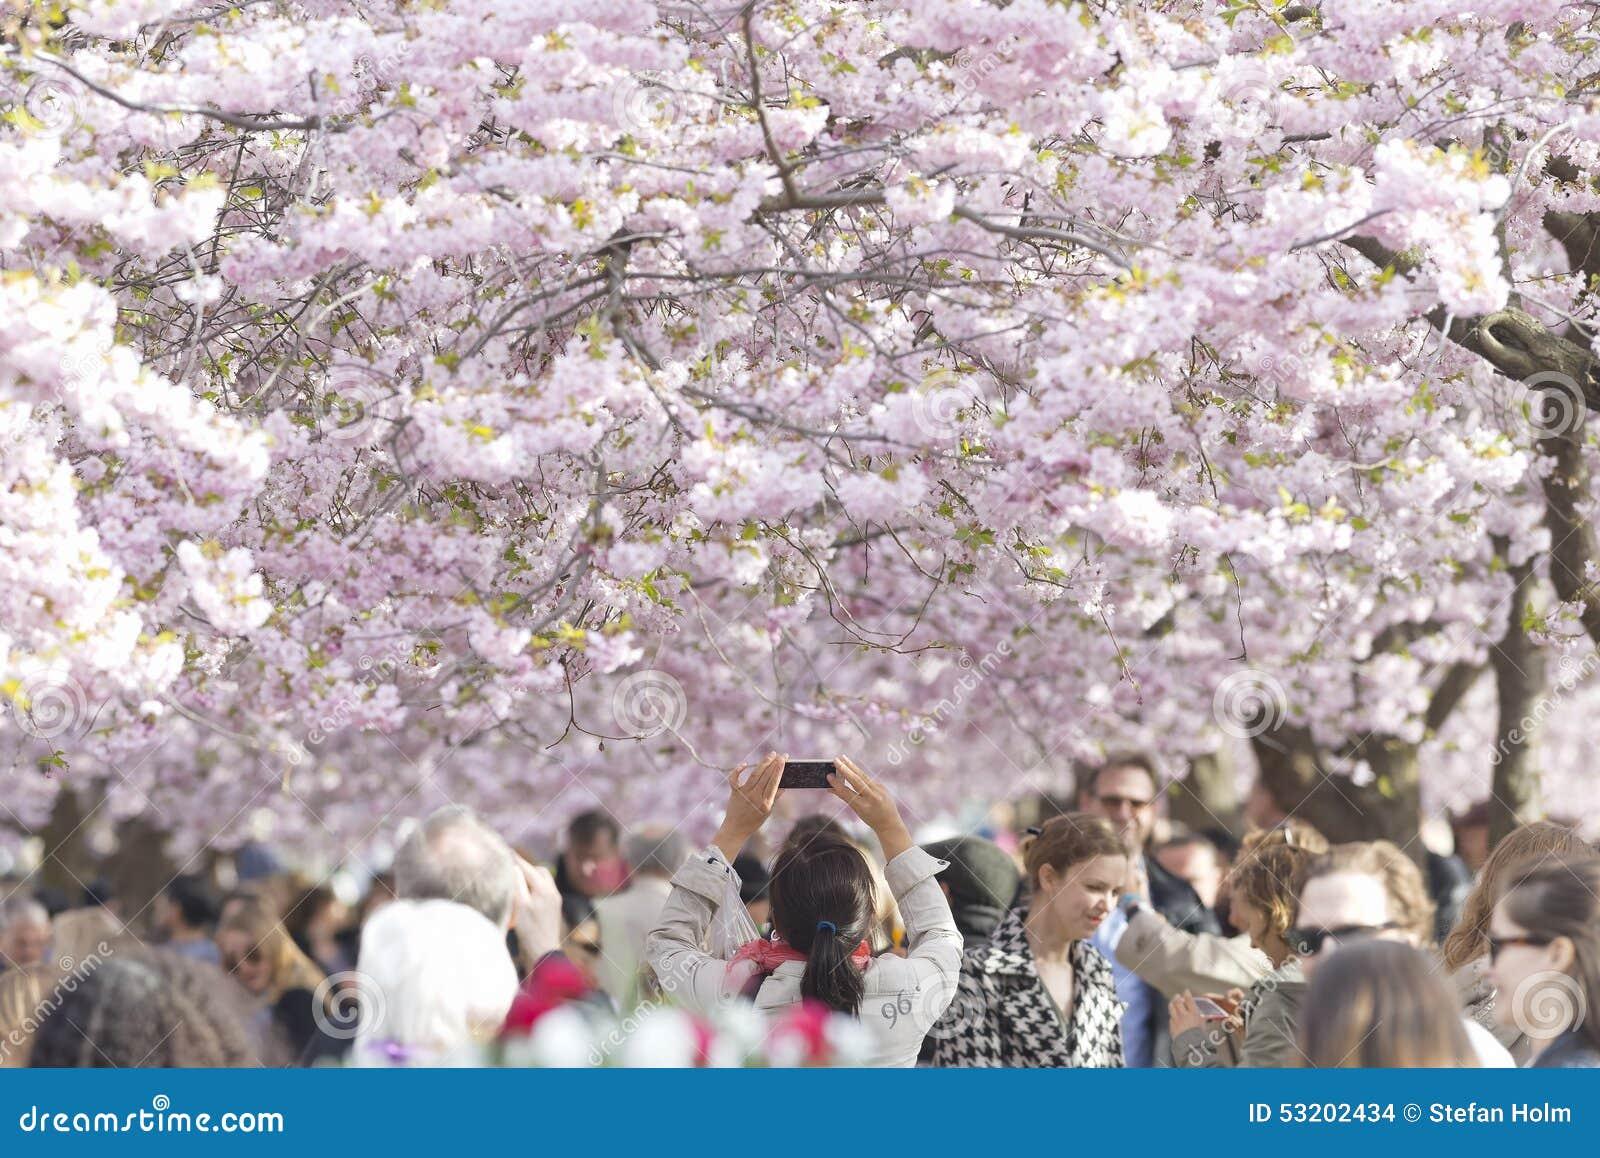 Cherry flower blooming in Kungstradgarden in Stockholm, Sweden